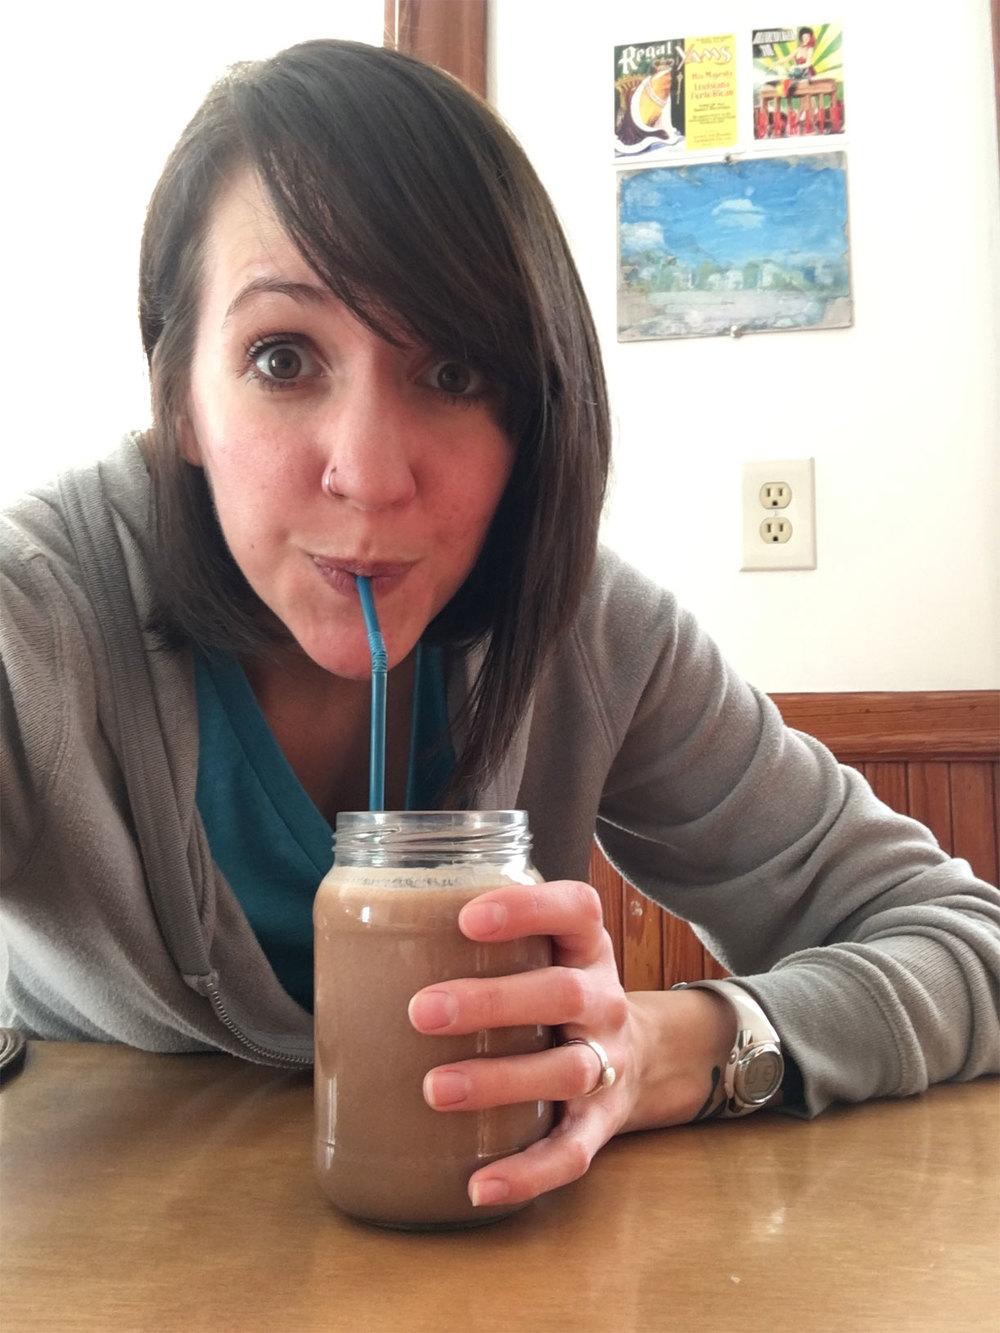 choc-banana-smoothie-drinking.jpg